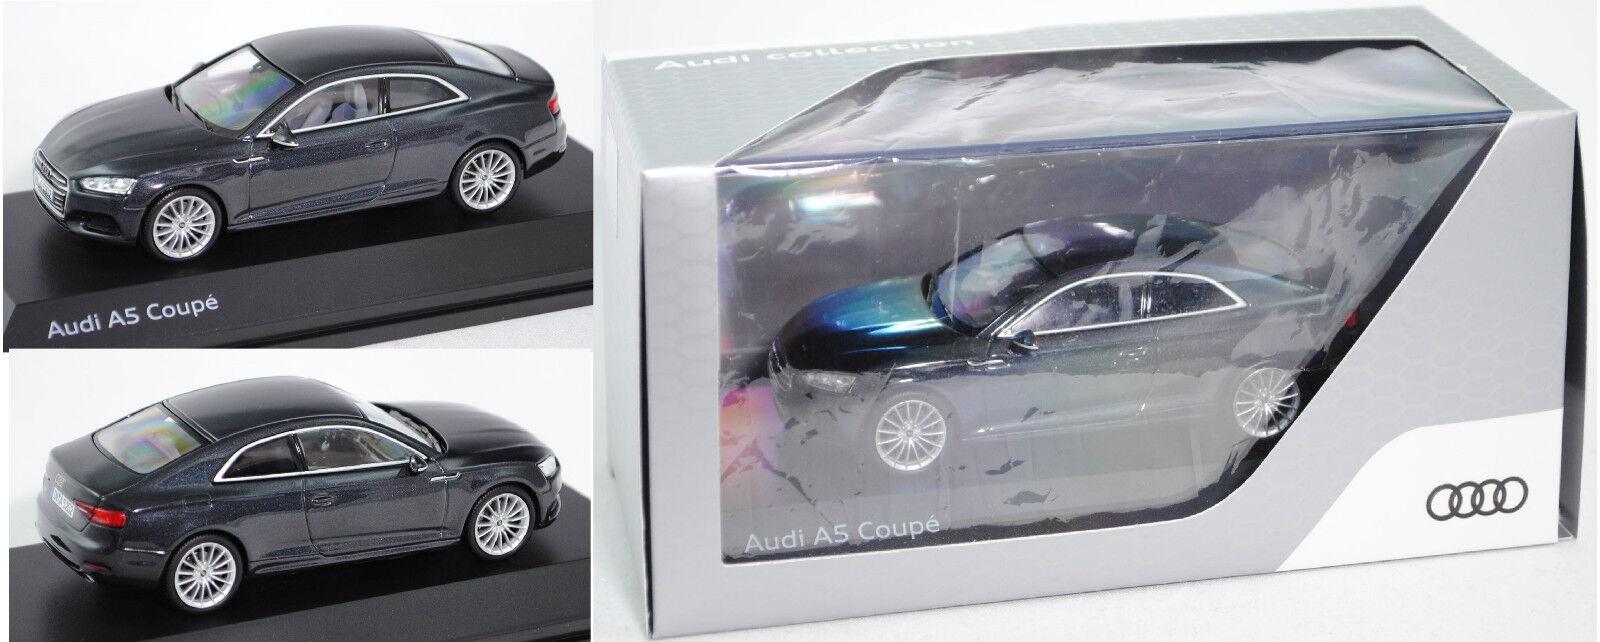 Minimax 5011605433 audi a5 coupé (type 9 T) manhattengris 1 43 publicitaires boîte